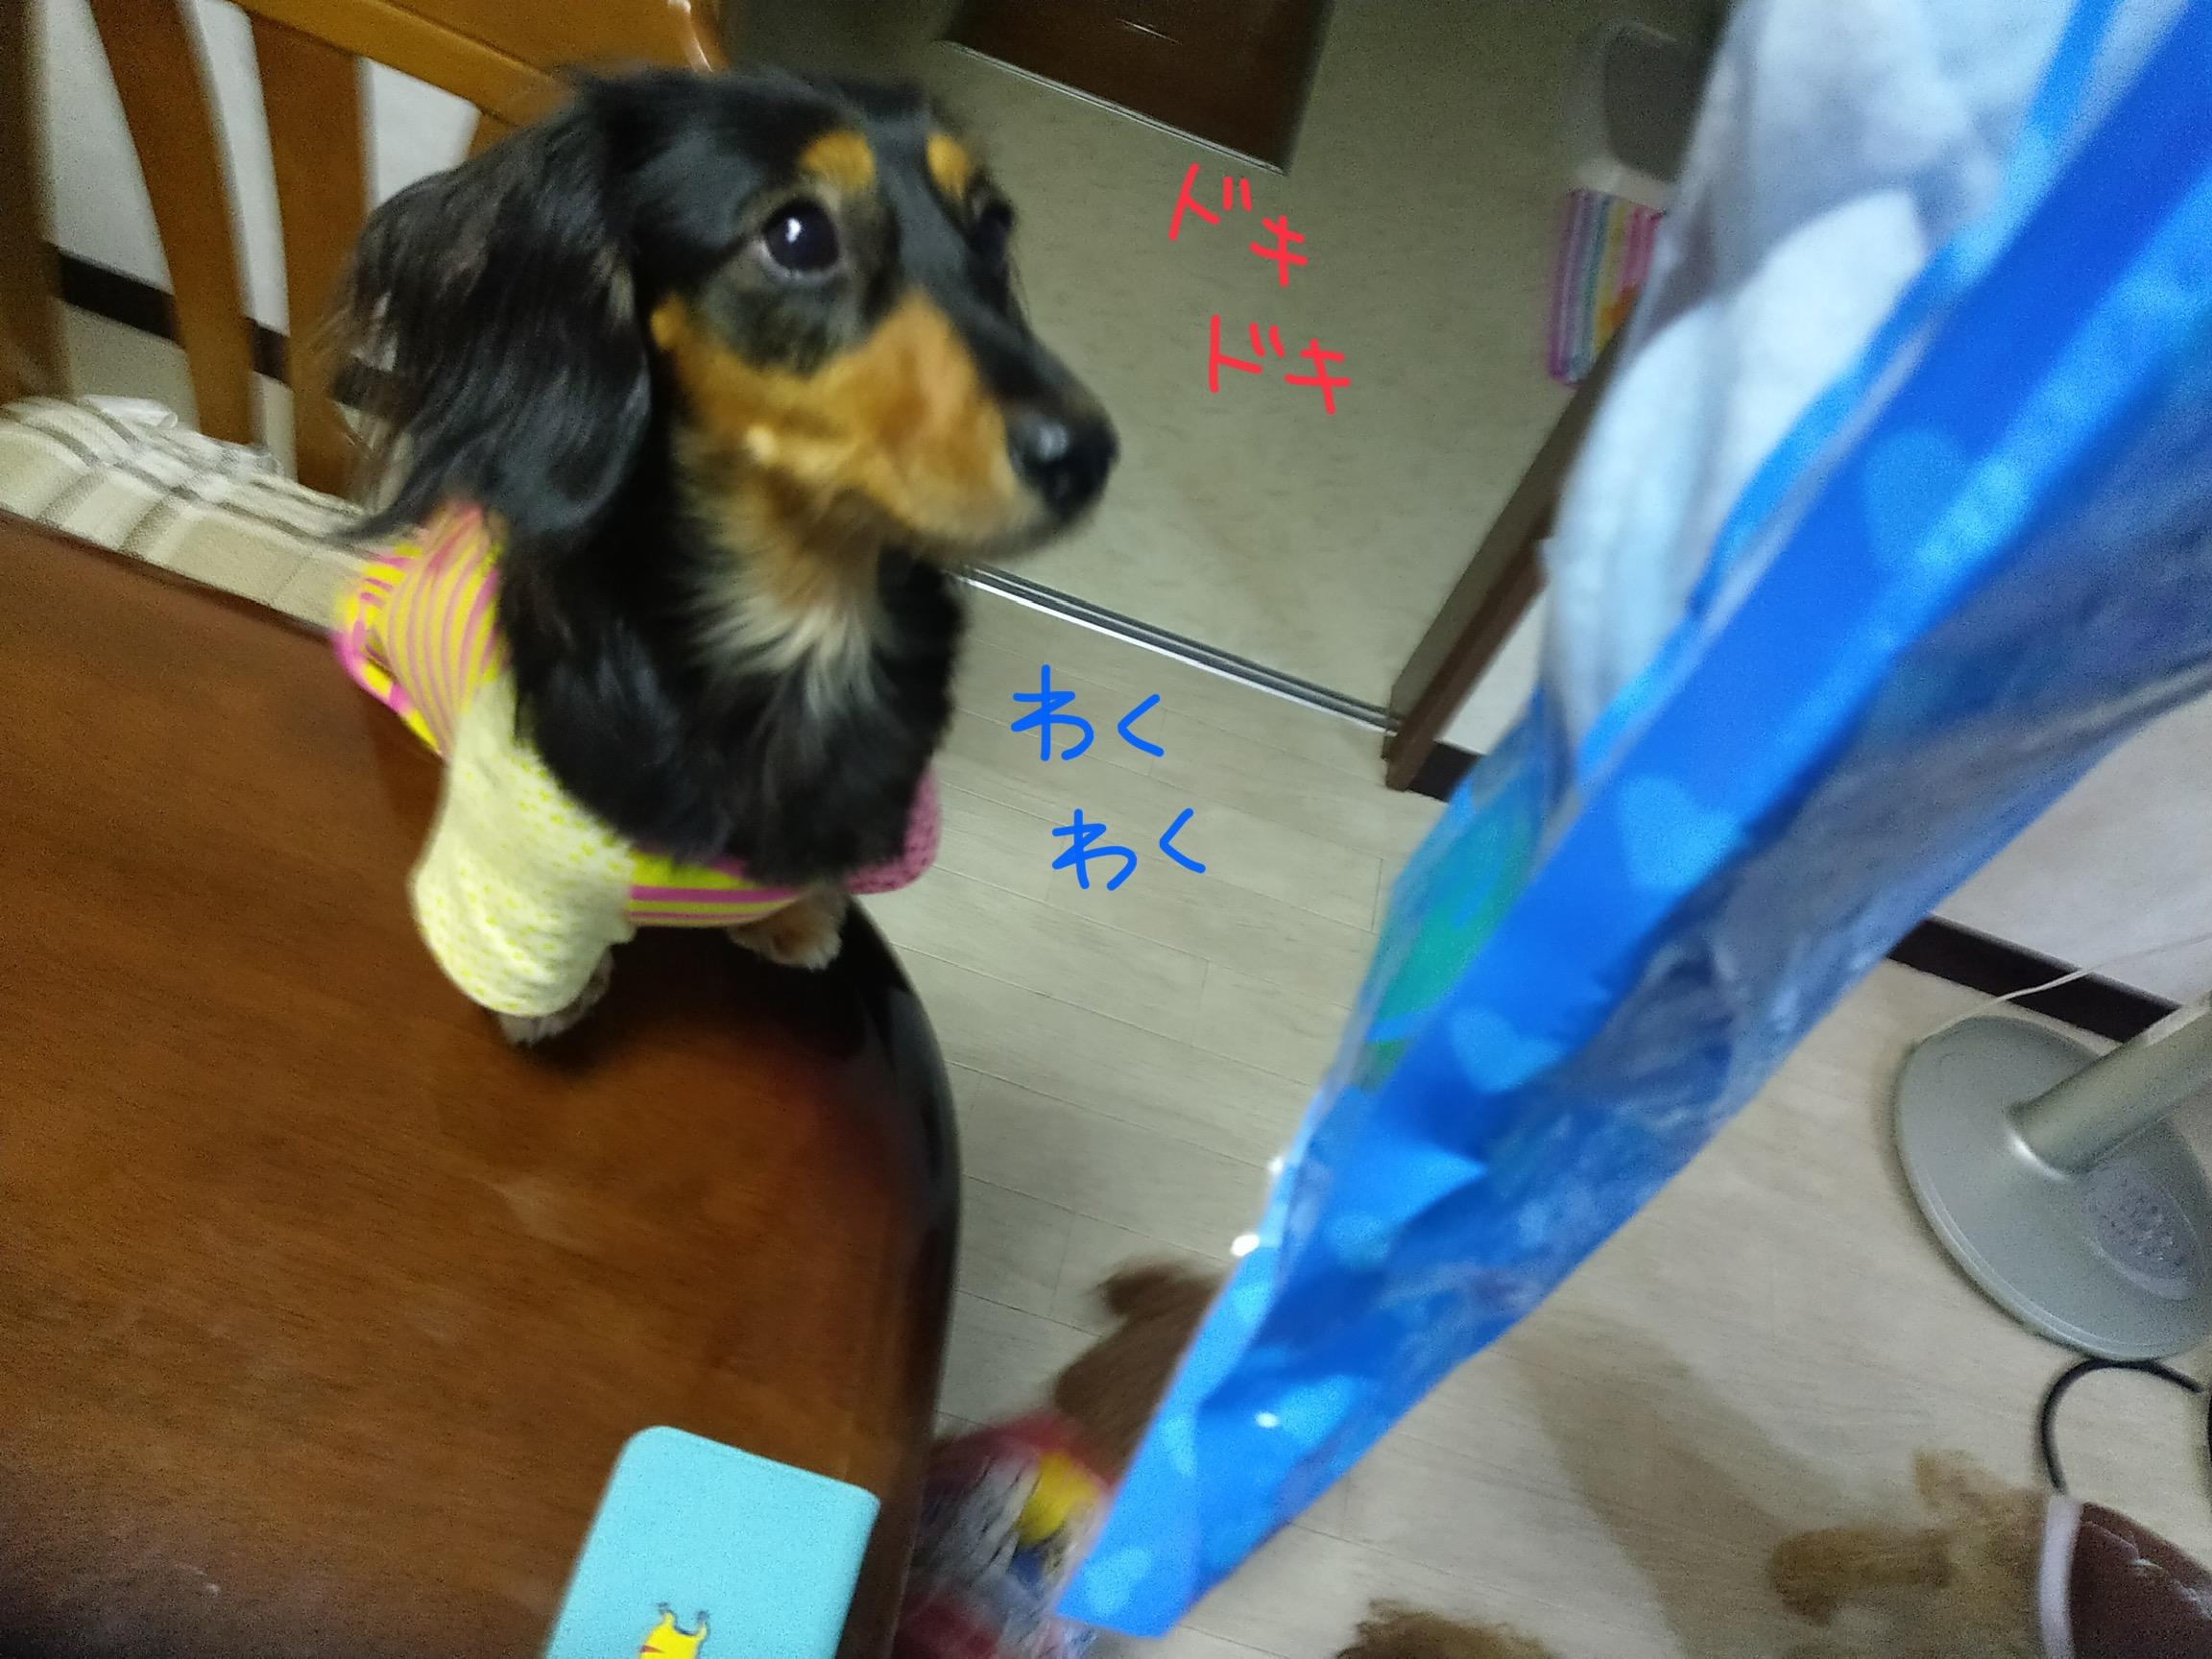 愛犬が誕生日プレゼントの中身を気にしている